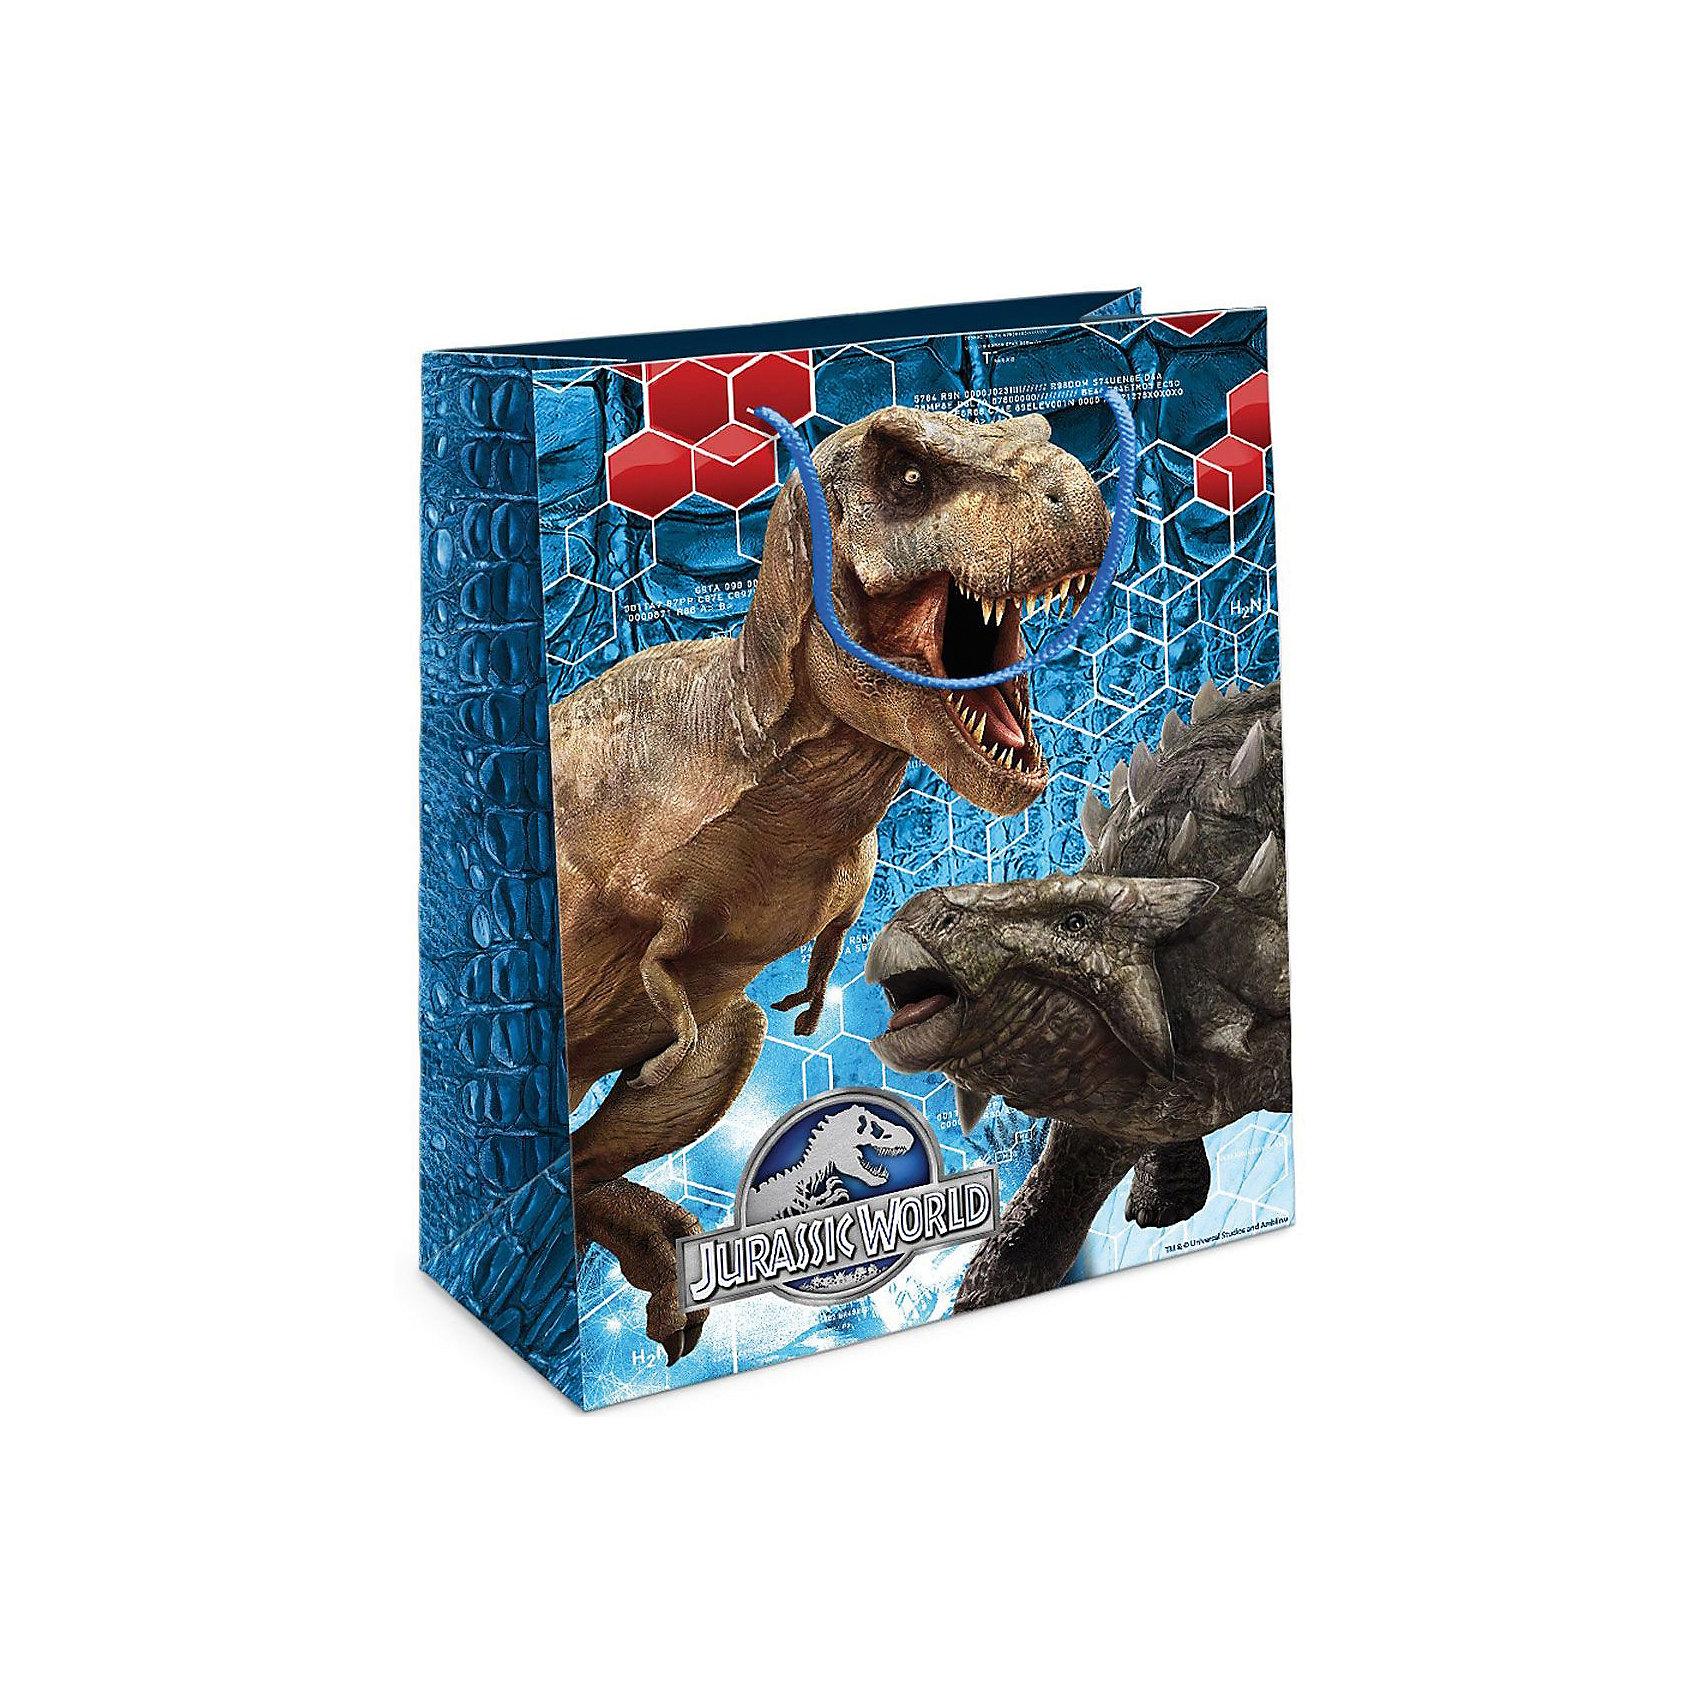 Пакет подарочный Тираннозавр Рекс 230*180*100Всё для праздника<br>Приобрести интересный подарок для ребенка – это только часть задачи. Не менее важно его красиво упаковать! Самым простым, практичным и при этом очень красивым видом упаковки является подарочный пакет – особенно с любимыми героями малыша. Бумажный пакет «Тираннозавр Рекс» с динозавром из фильма «Парк Юрского периода» поможет эффектно украсить ваш подарок. Размер бумажного подарочного пакета: 23х18х10 см. В ассортименте вы можете найти такой же пакет размером 35х25х9 см.<br><br>Ширина мм: 230<br>Глубина мм: 180<br>Высота мм: 3<br>Вес г: 41<br>Возраст от месяцев: 36<br>Возраст до месяцев: 120<br>Пол: Унисекс<br>Возраст: Детский<br>SKU: 5016465